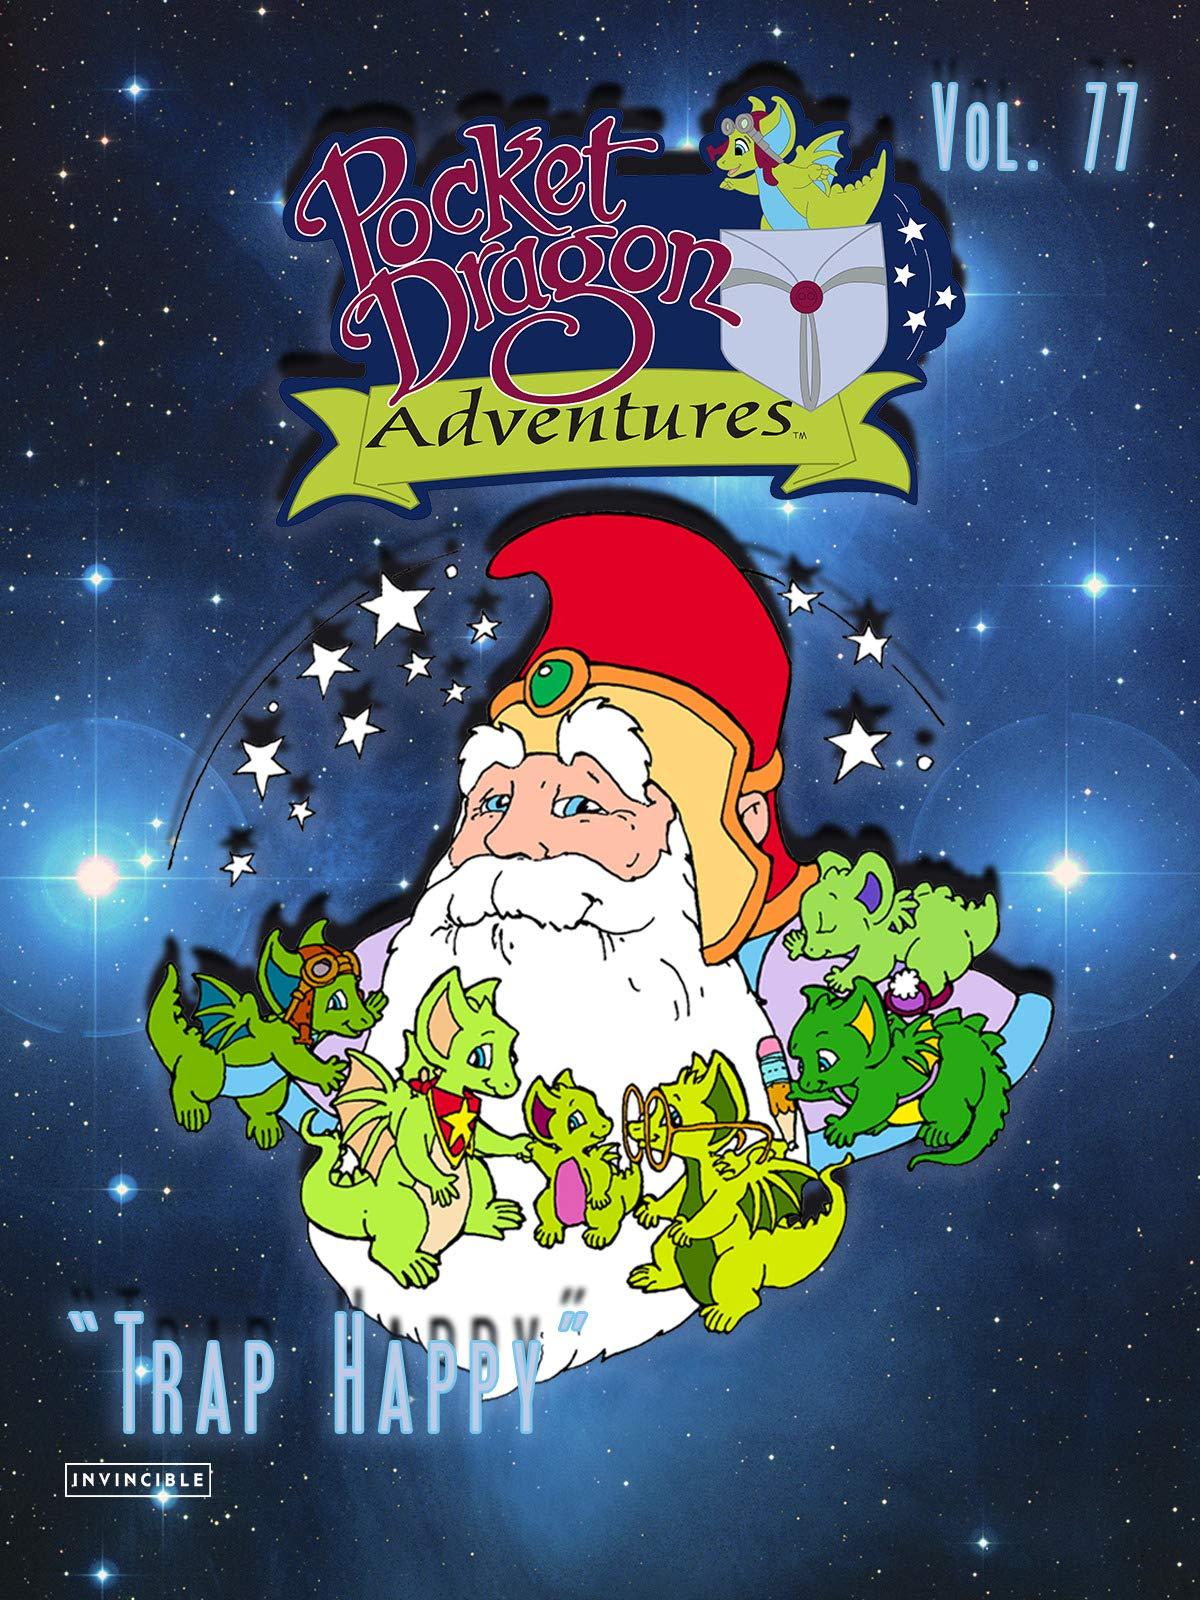 Pocket Dragon Adventures Vol. 77Trap Happy